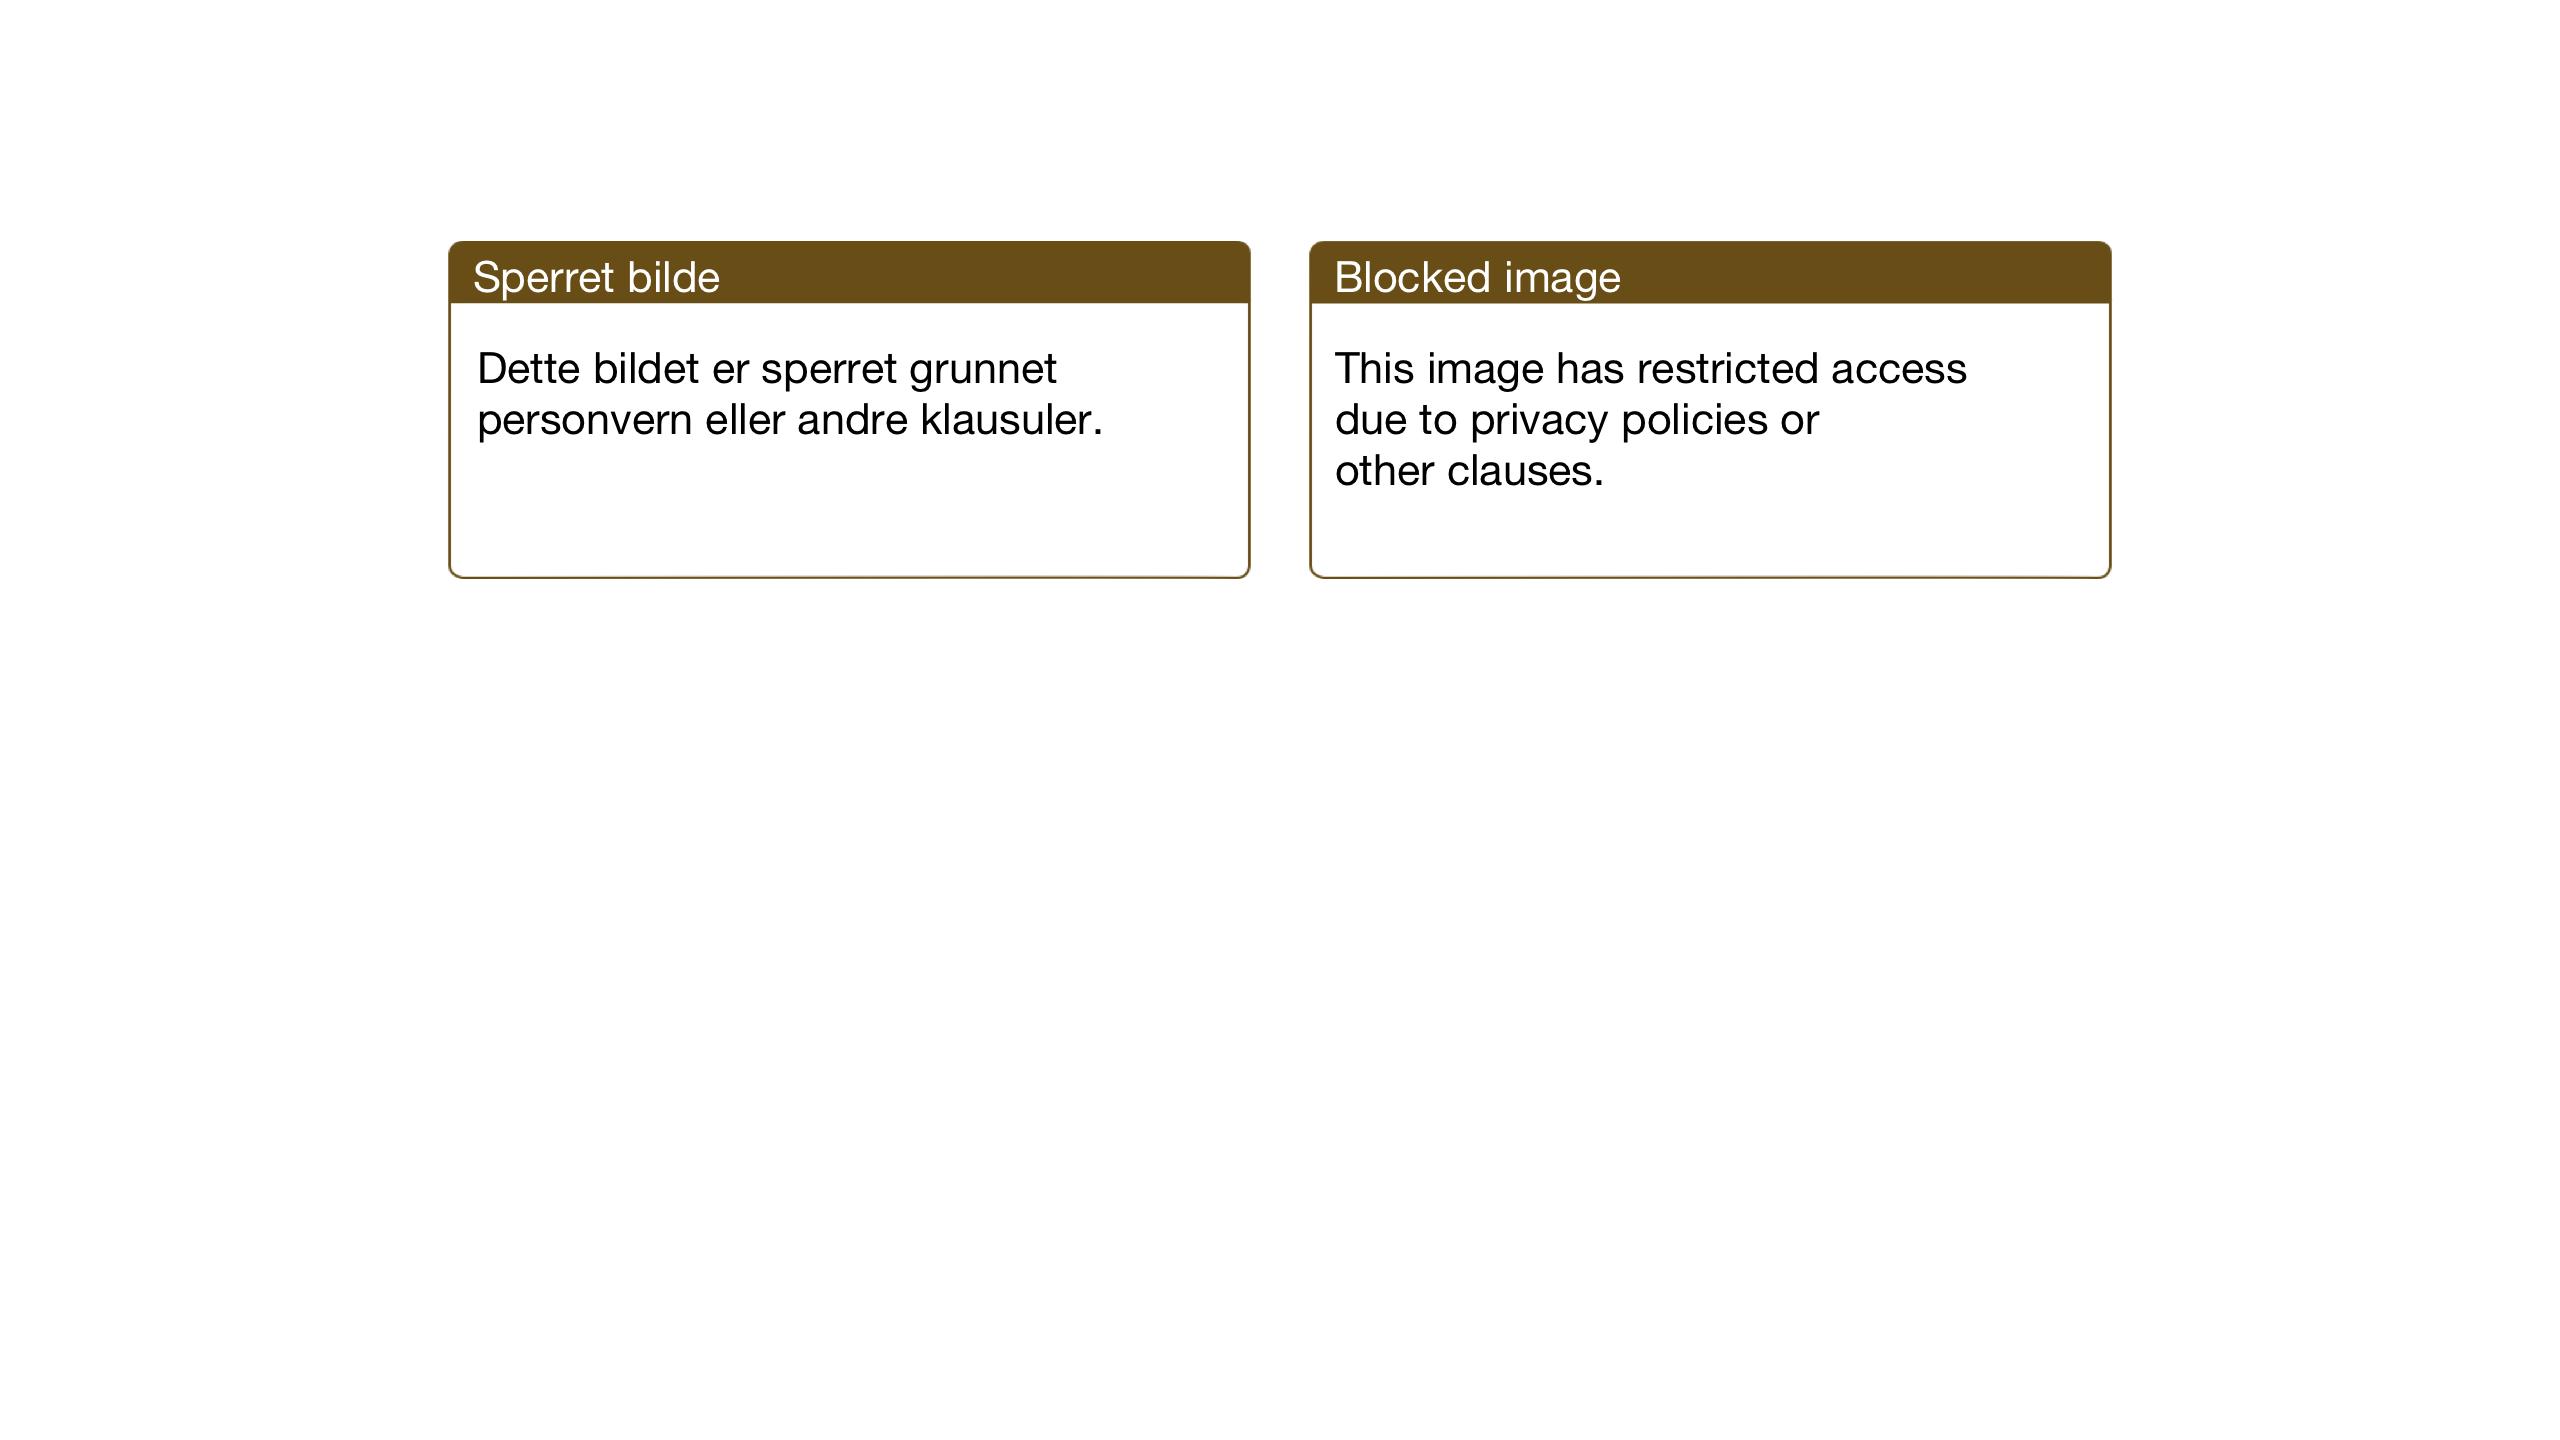 SAT, Ministerialprotokoller, klokkerbøker og fødselsregistre - Sør-Trøndelag, 681/L0944: Klokkerbok nr. 681C08, 1926-1954, s. 6